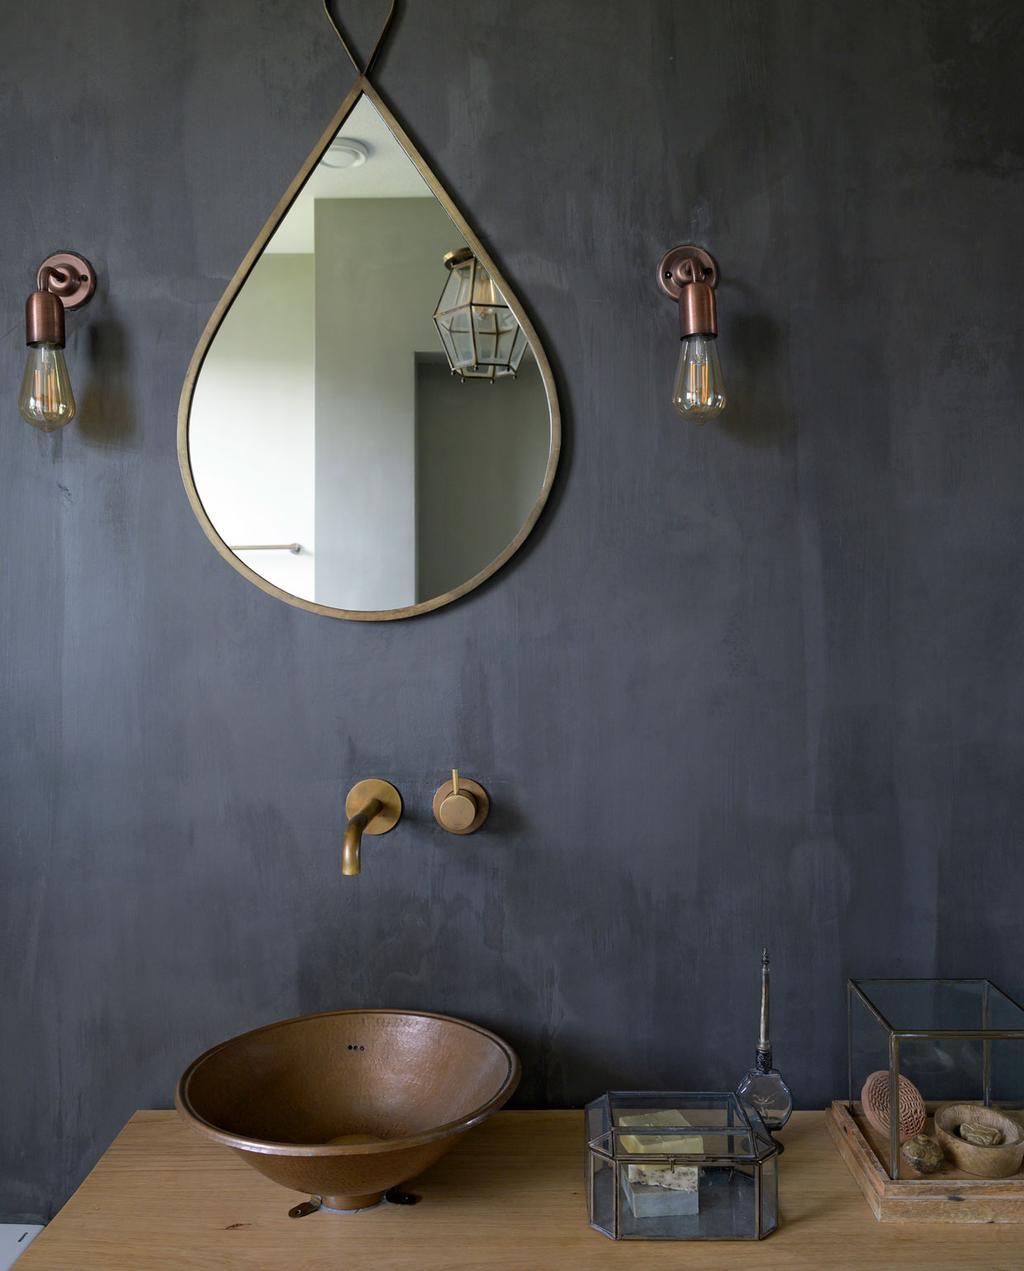 vtwonen 08-2021 | Donkergrijze badkamer met gouden details van stefanie en tommie in Bodegraven